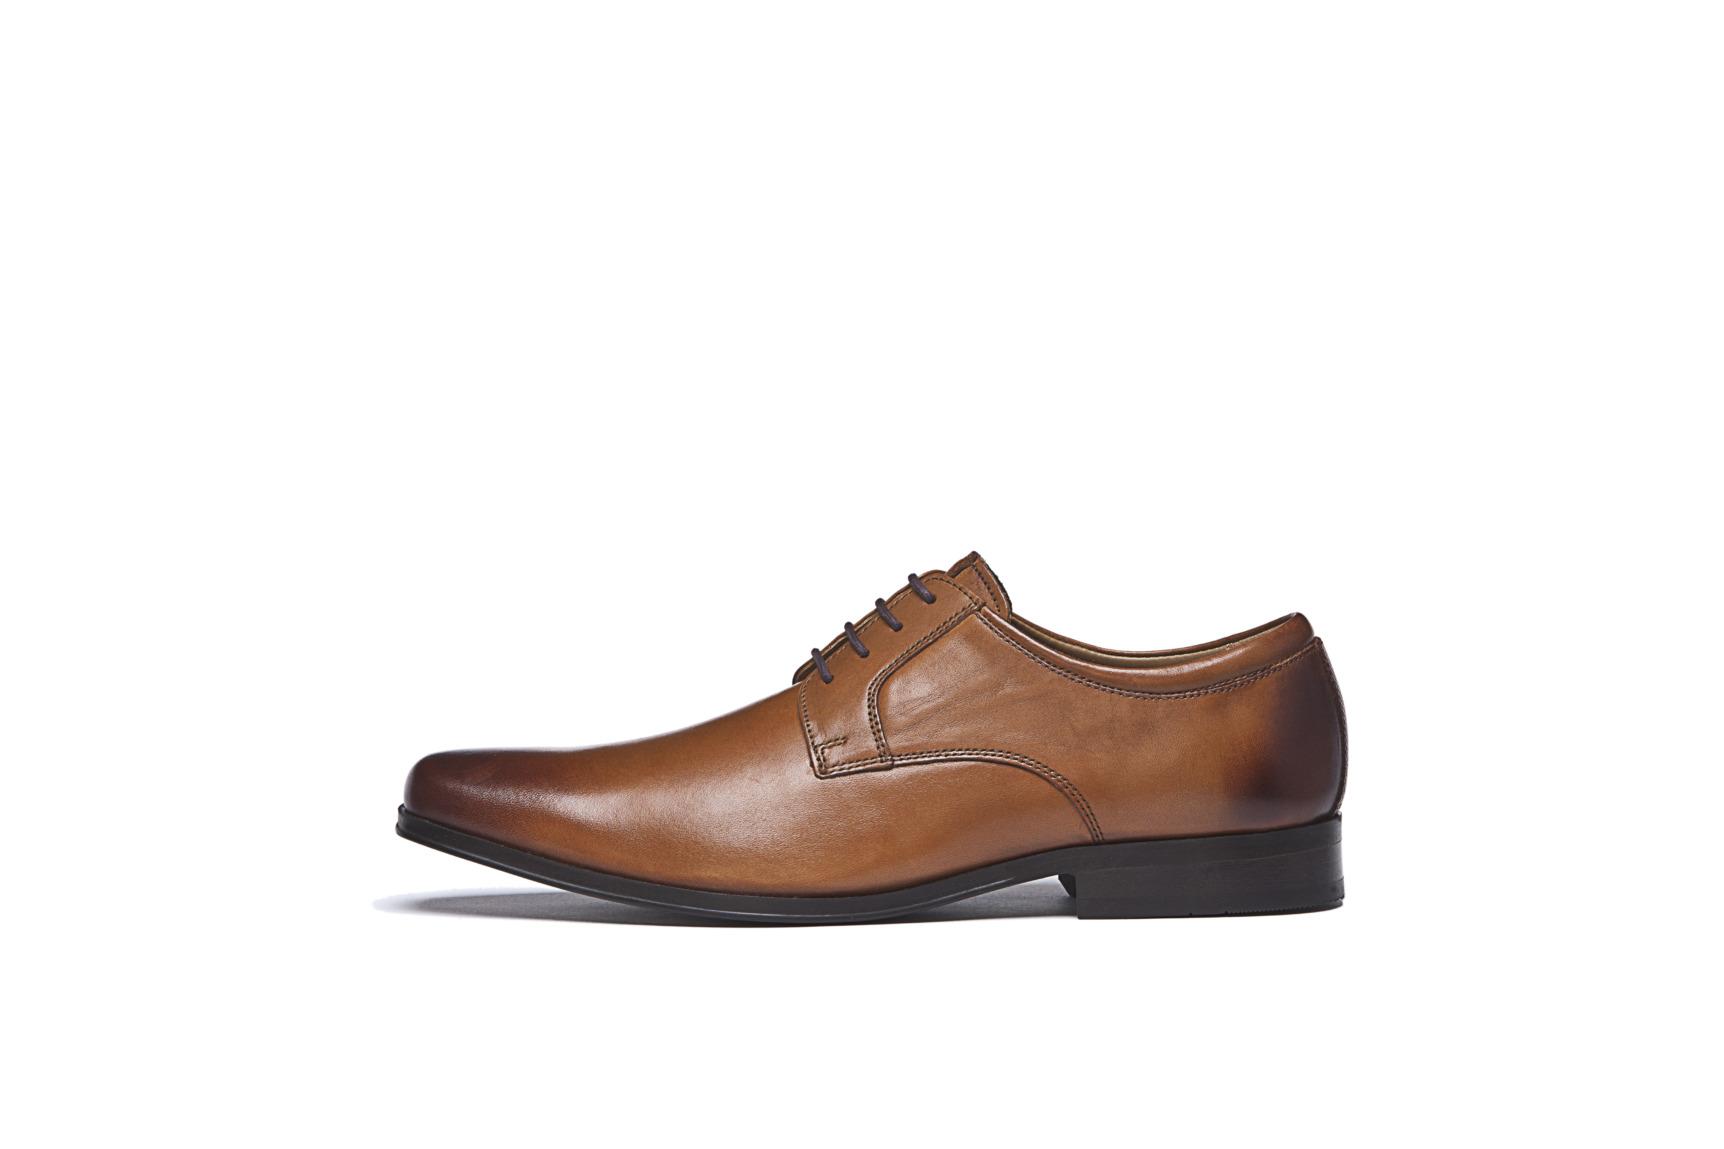 Modische Schuhe für den Bräutigam von Digel Modell SMART im vintage Look hellbraun bis cognac